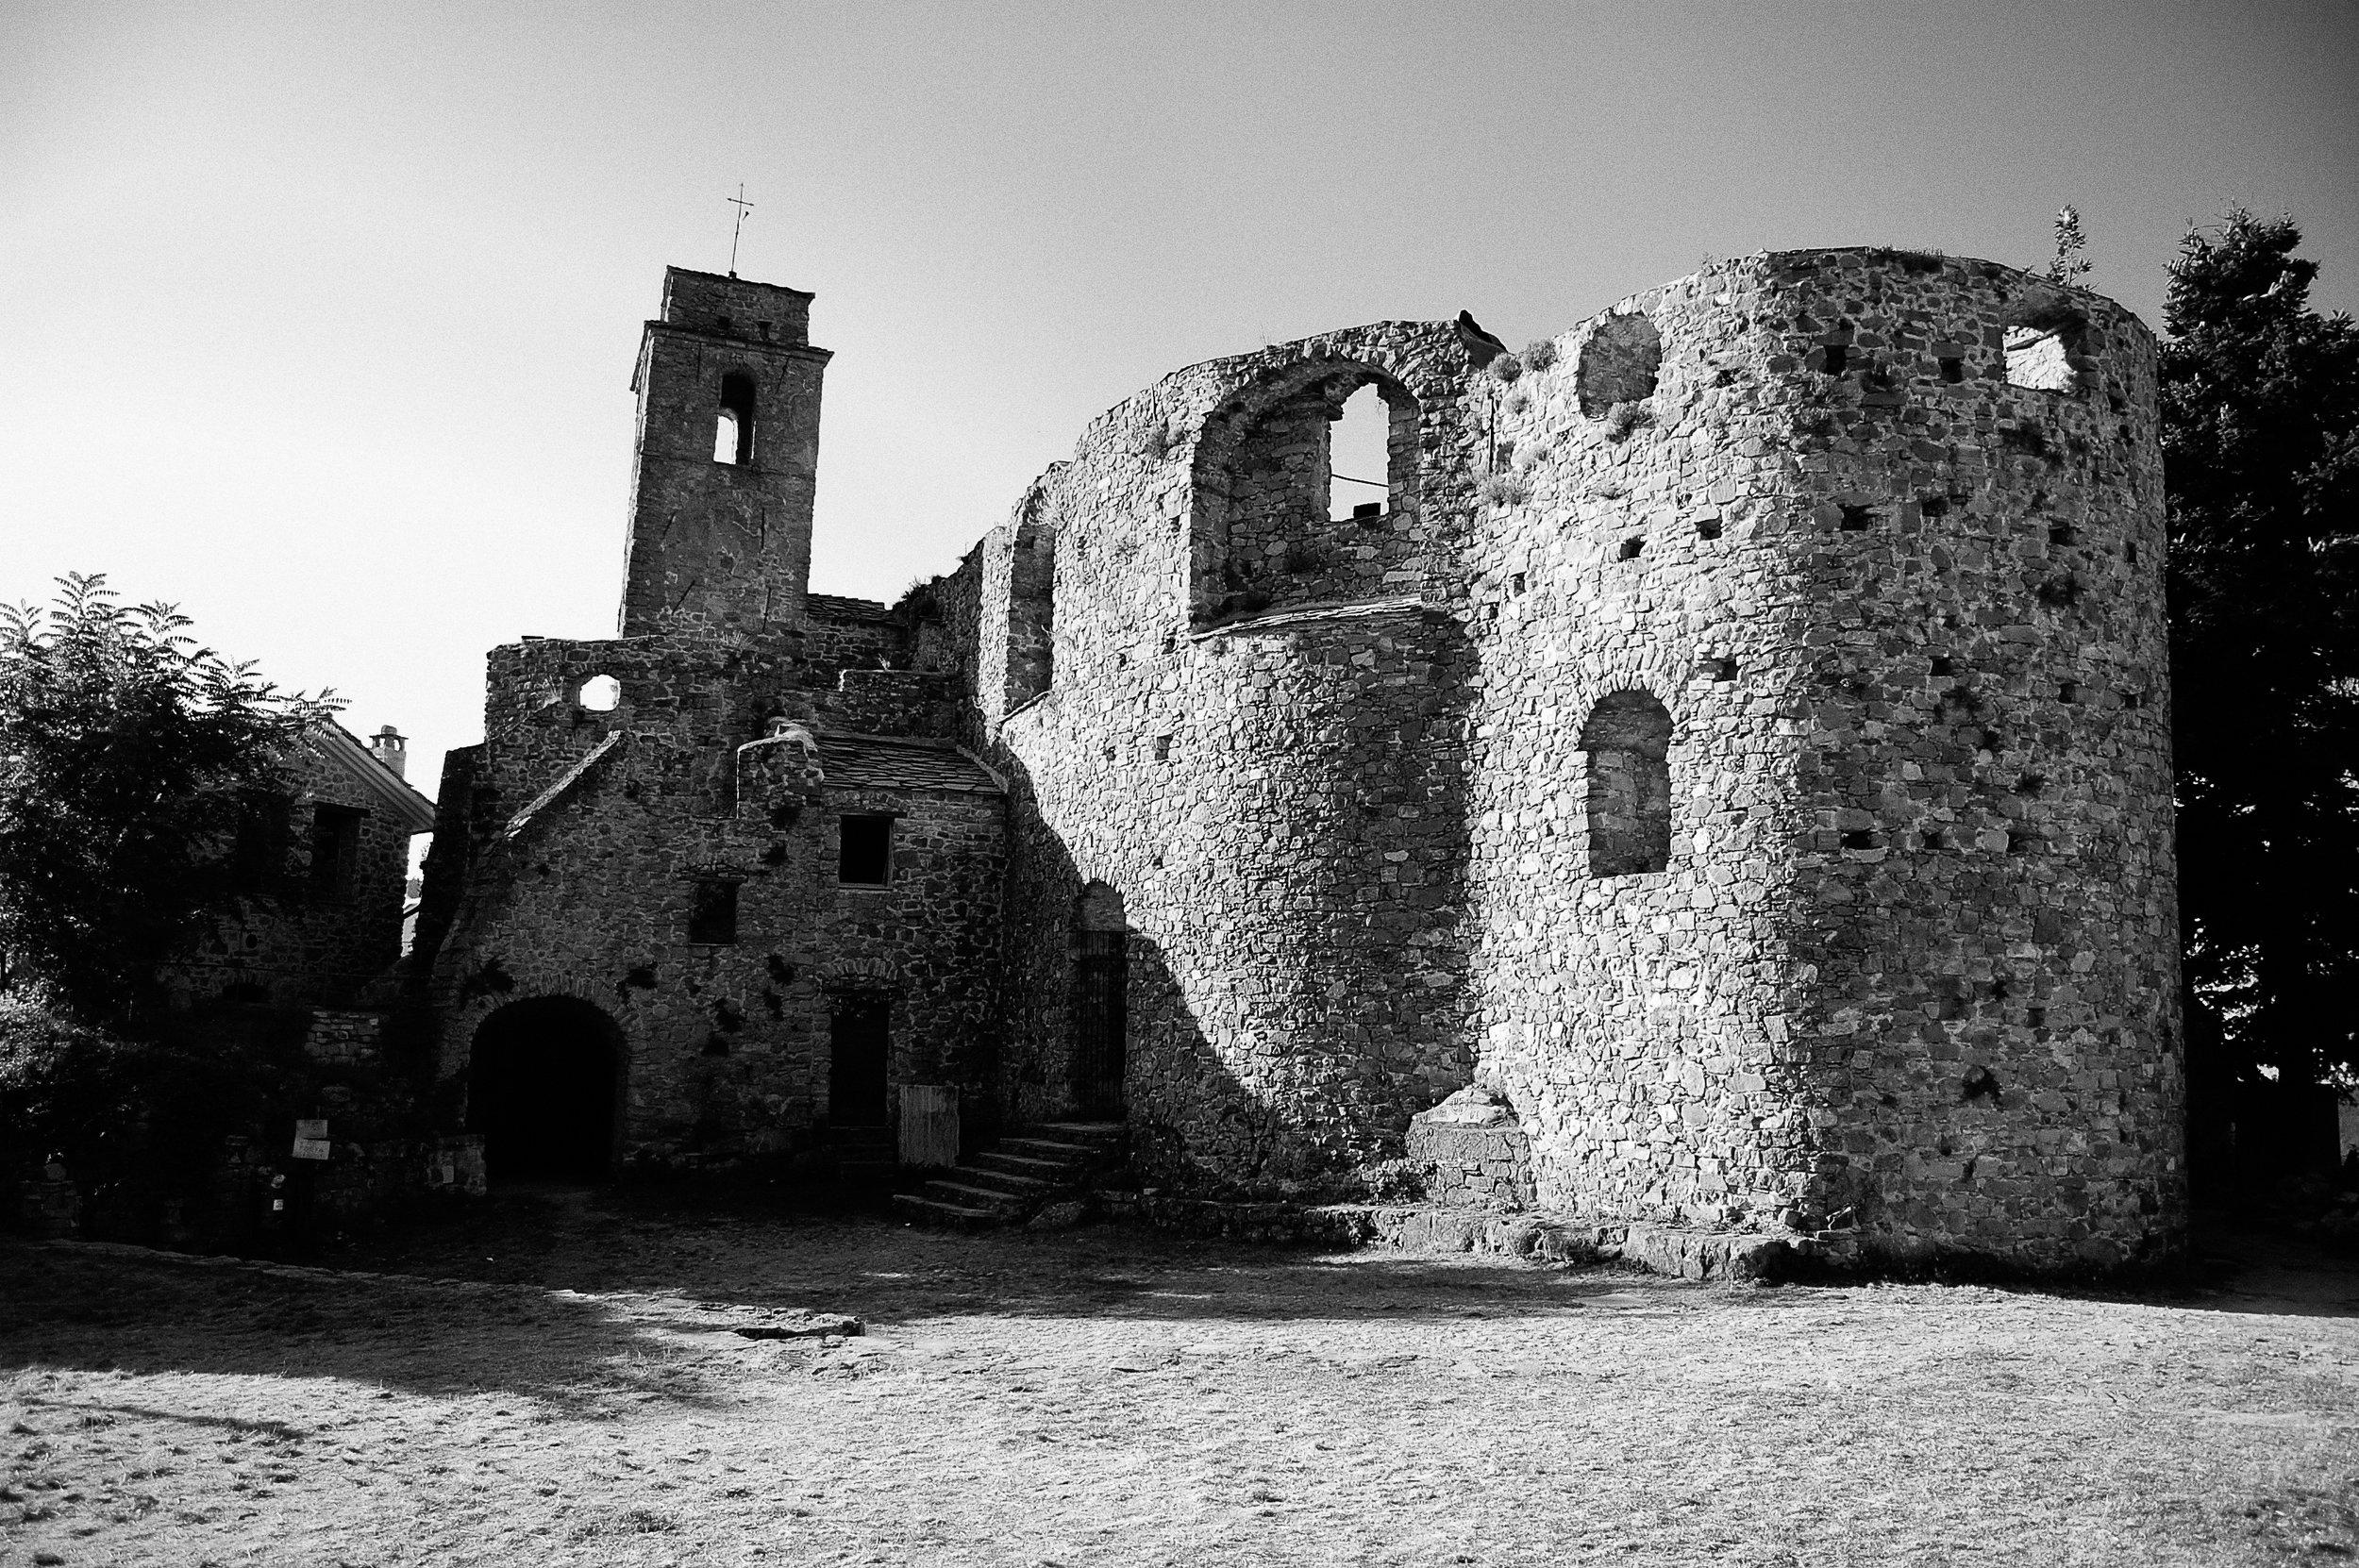 St Nicolo